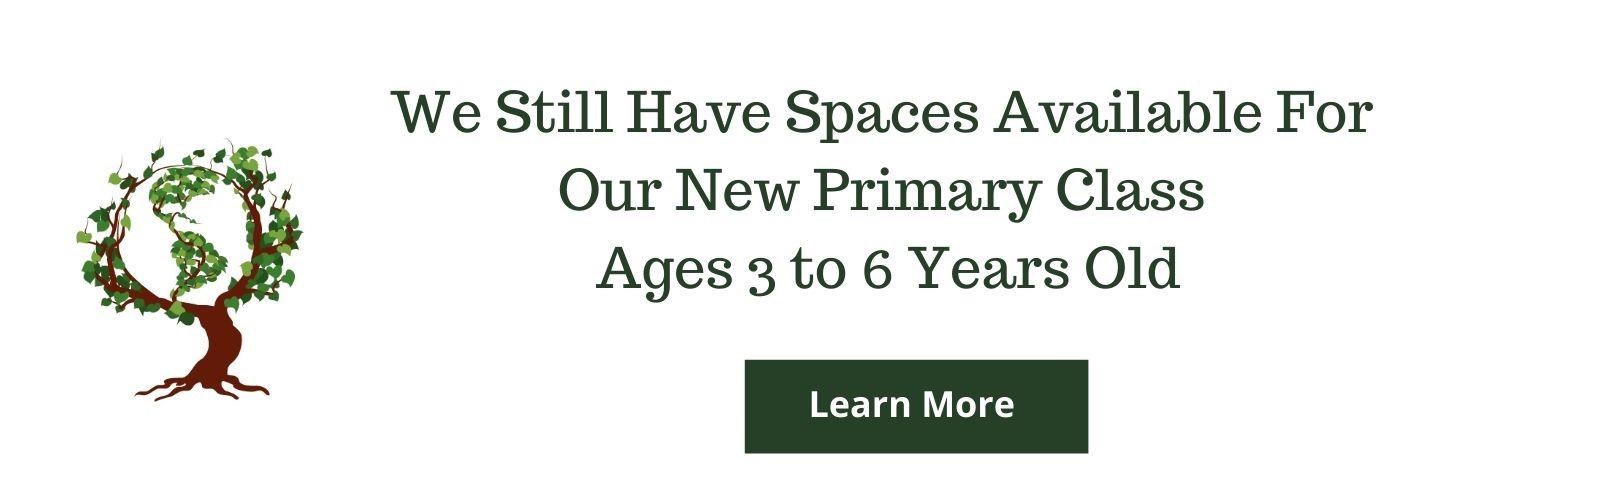 new primary class